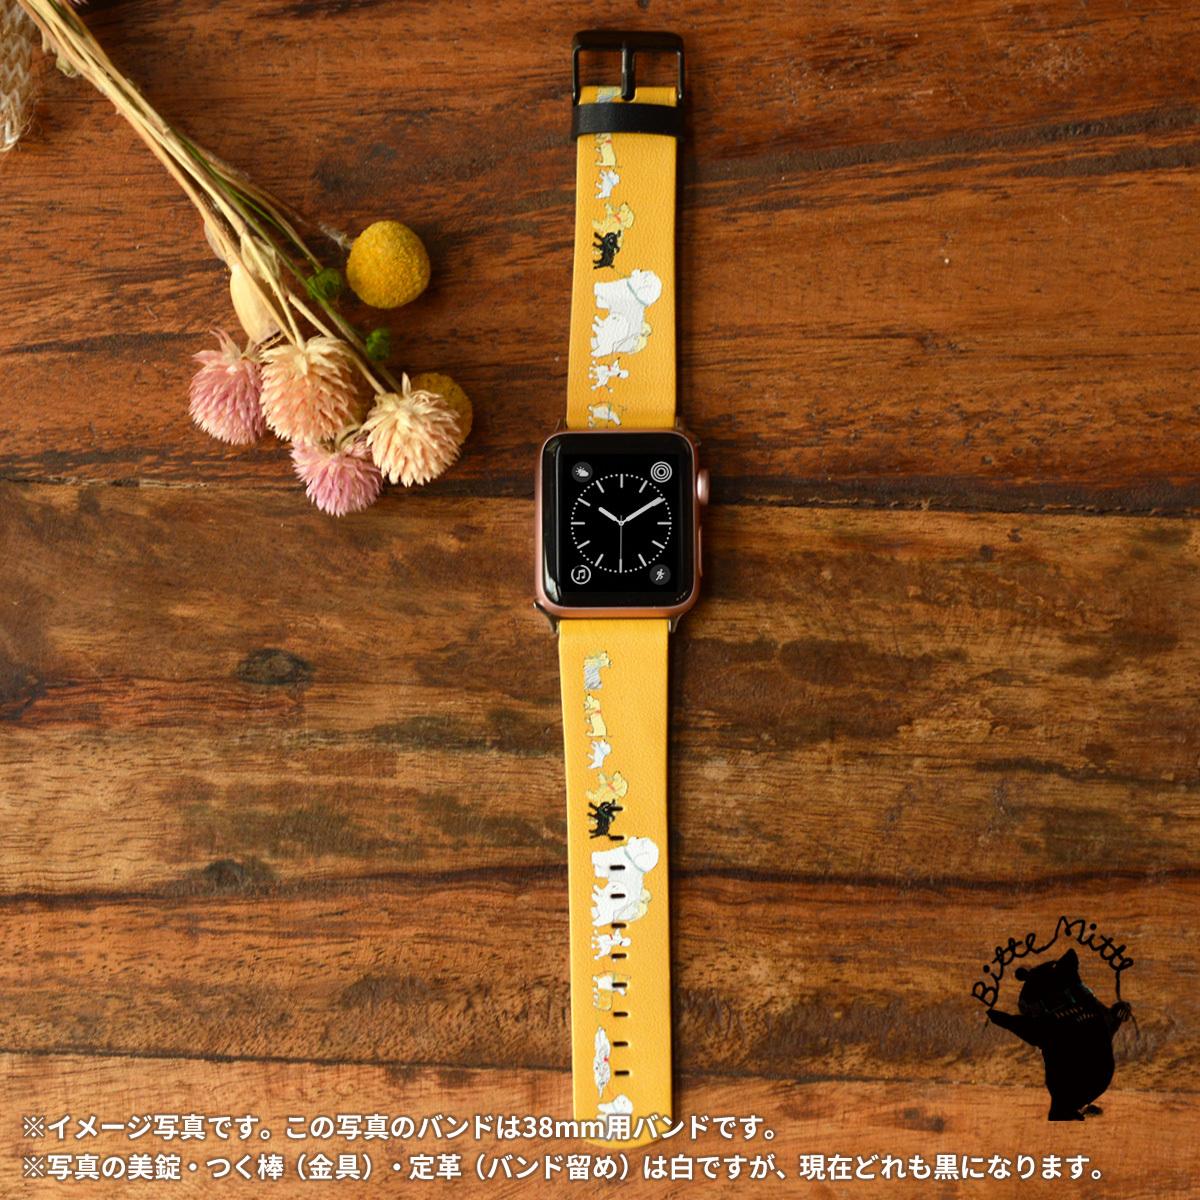 apple watch バンド おしゃれ apple watch 3 革バンド アップルウォッチ 女性用 イヌ いぬ 犬たちのお散歩パレード/Bitte Mitte!